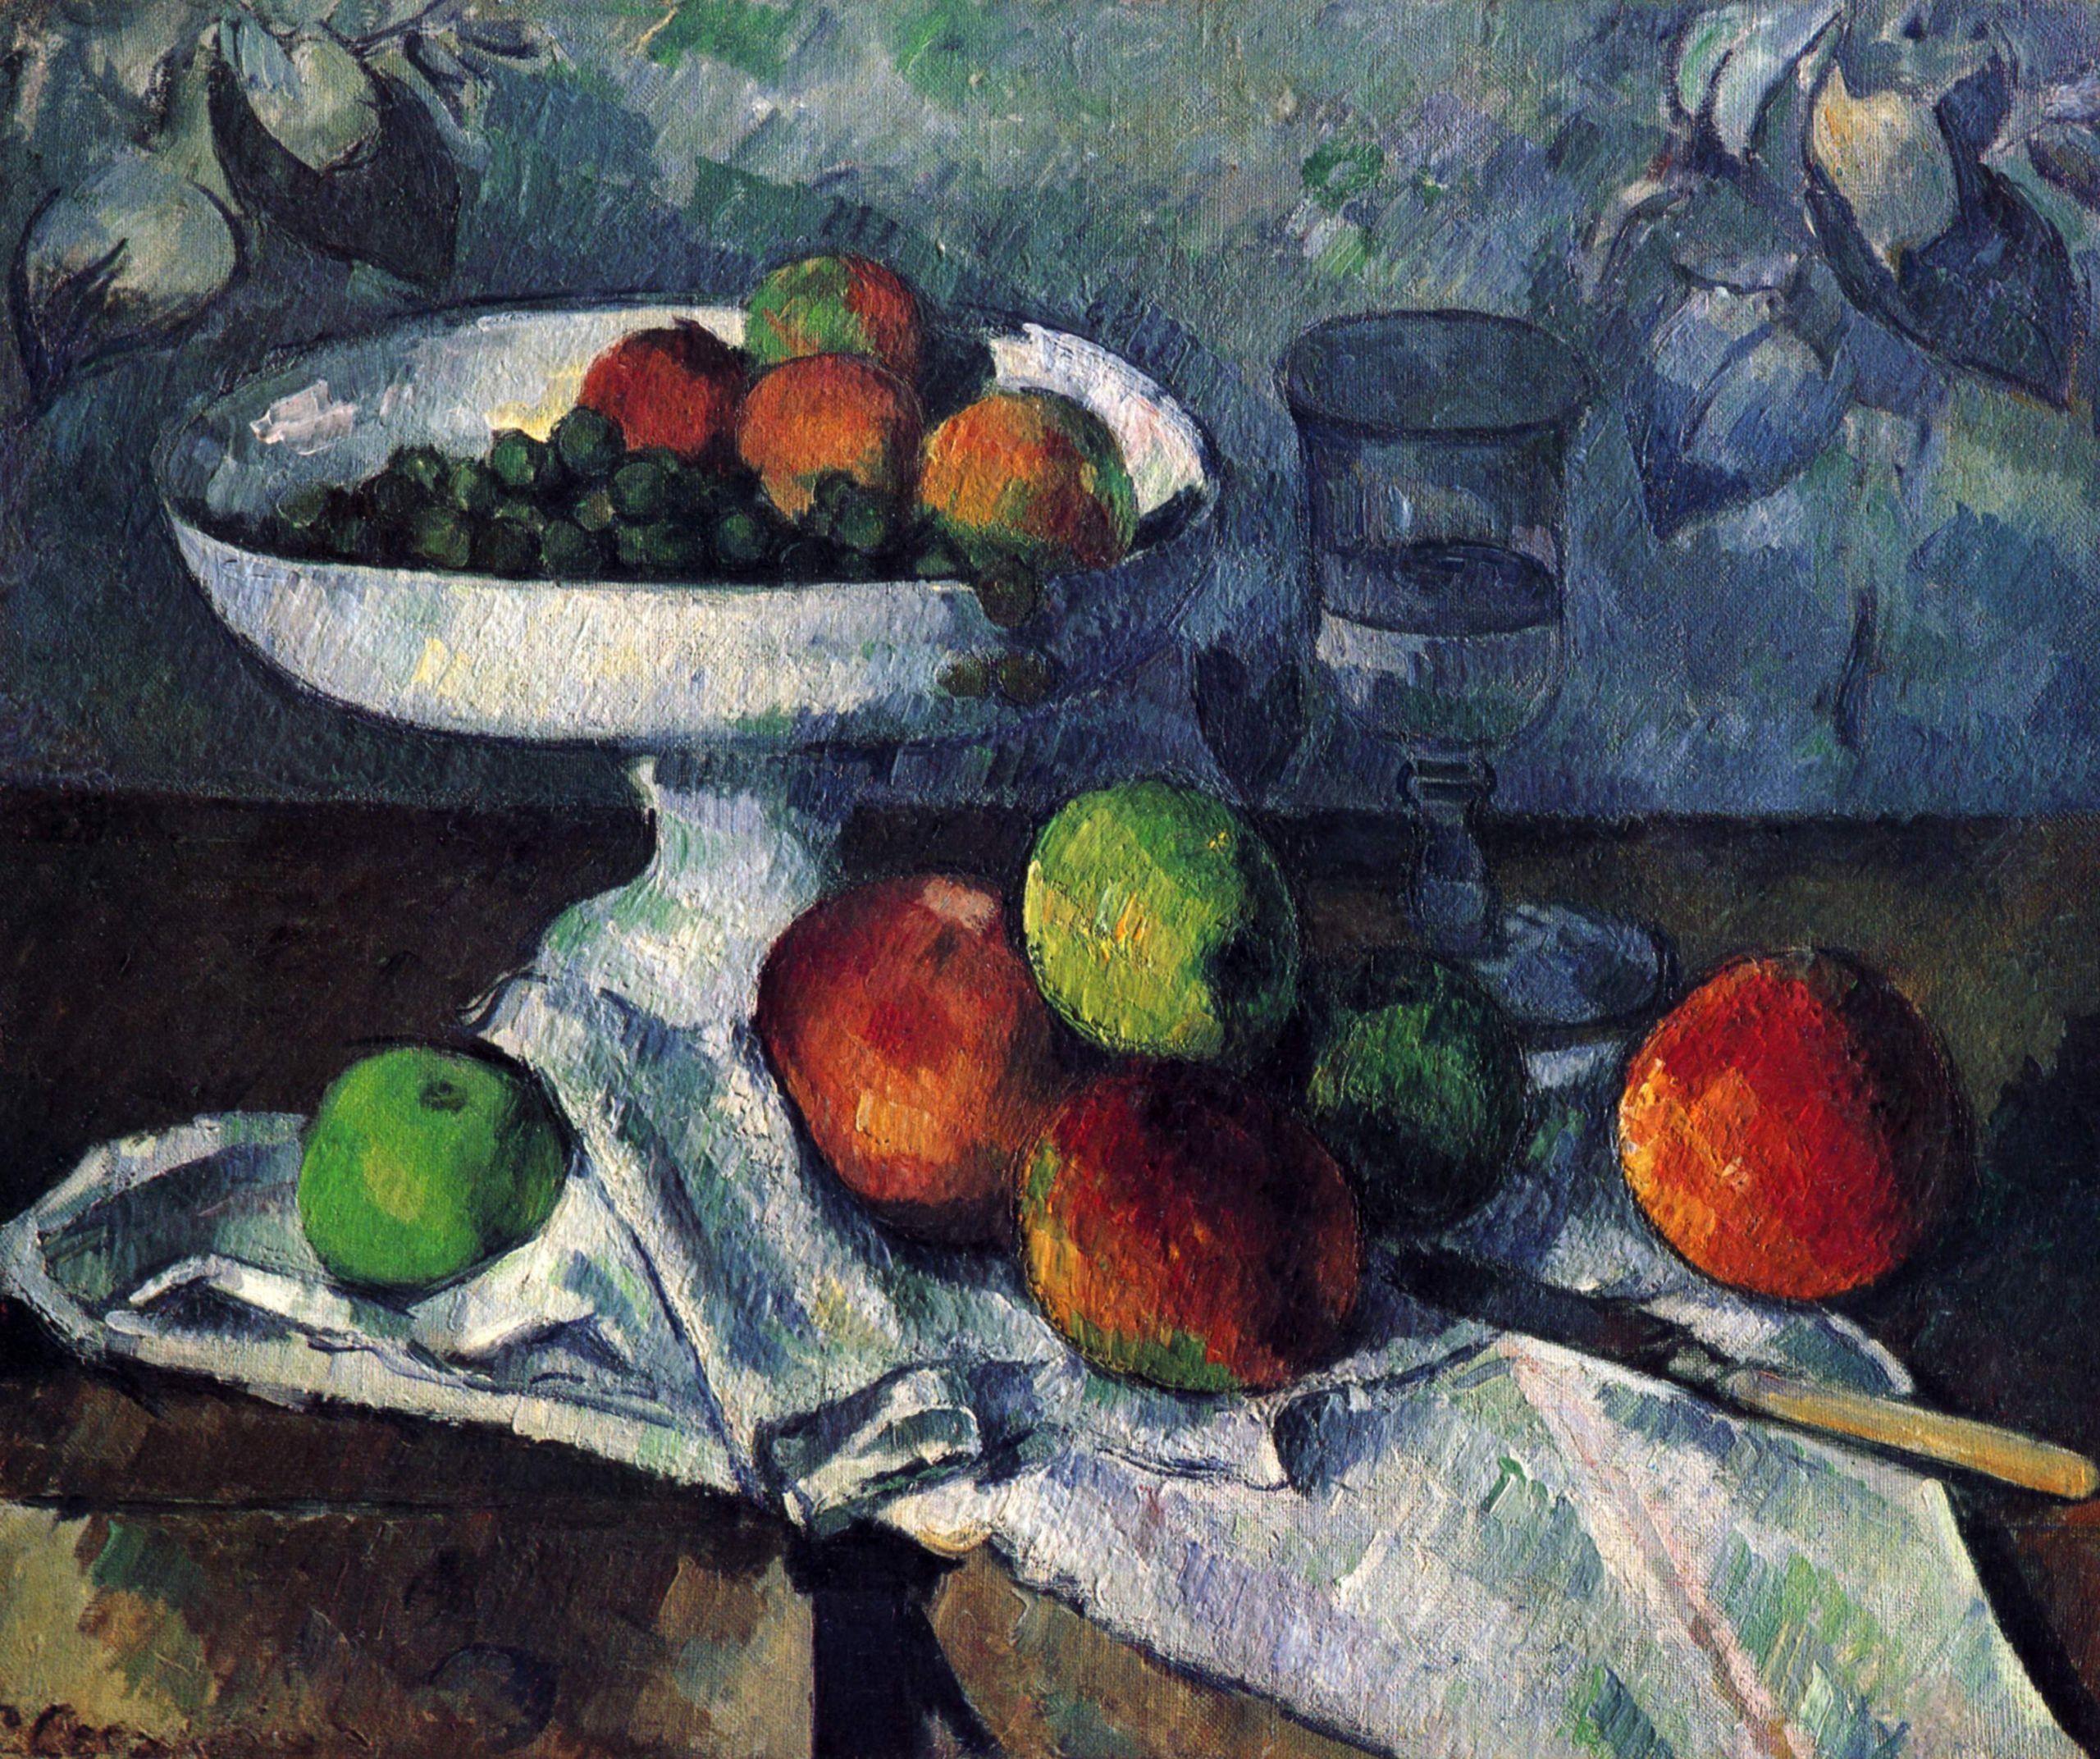 potier verre et pommes par Paul Cézanne